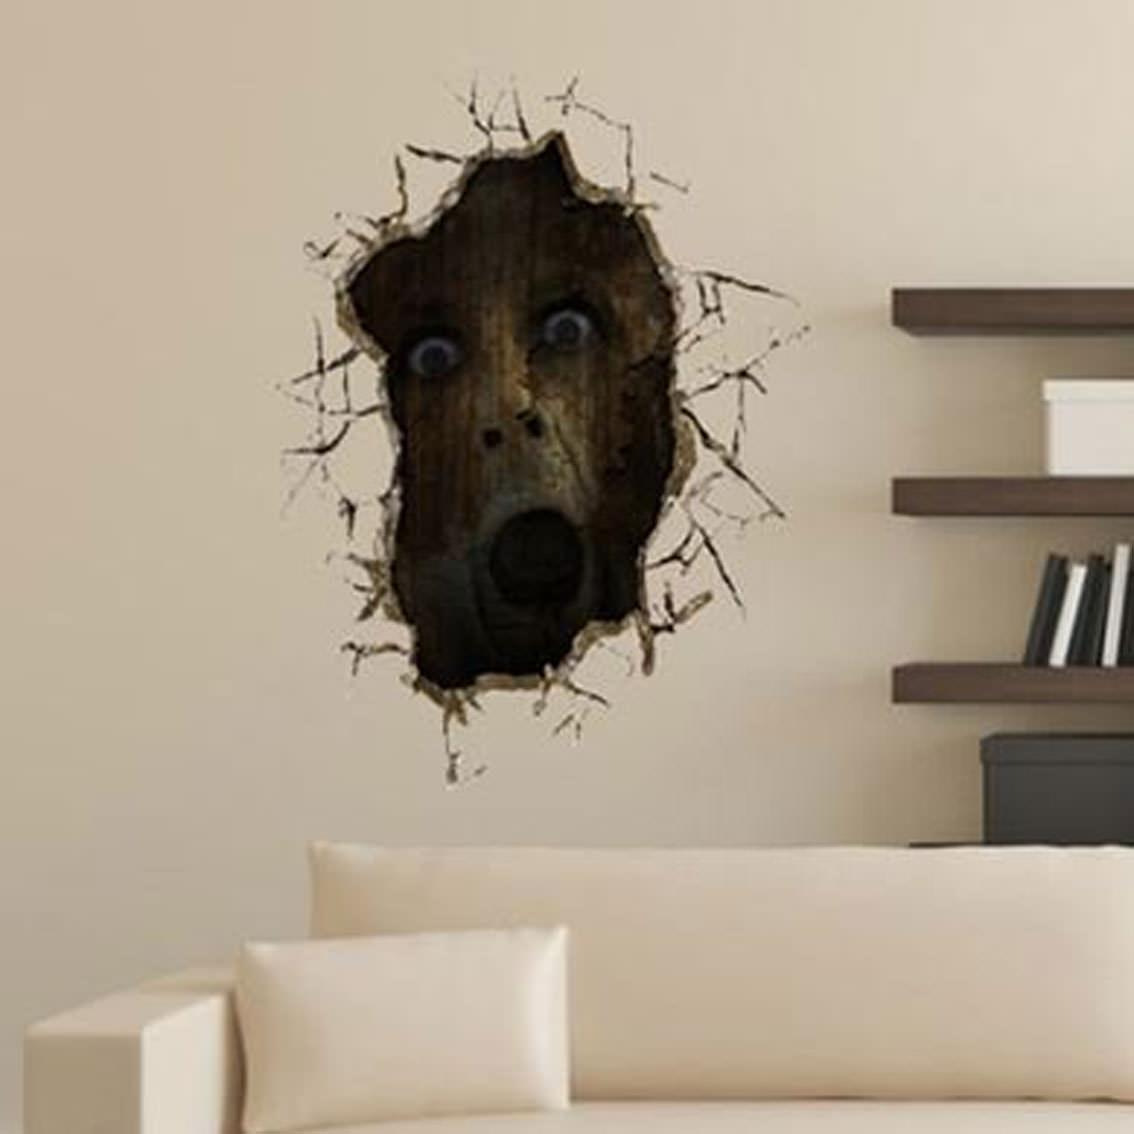 ゾンビが壁から覗いてる! <br>来客にトラウマを与えよう